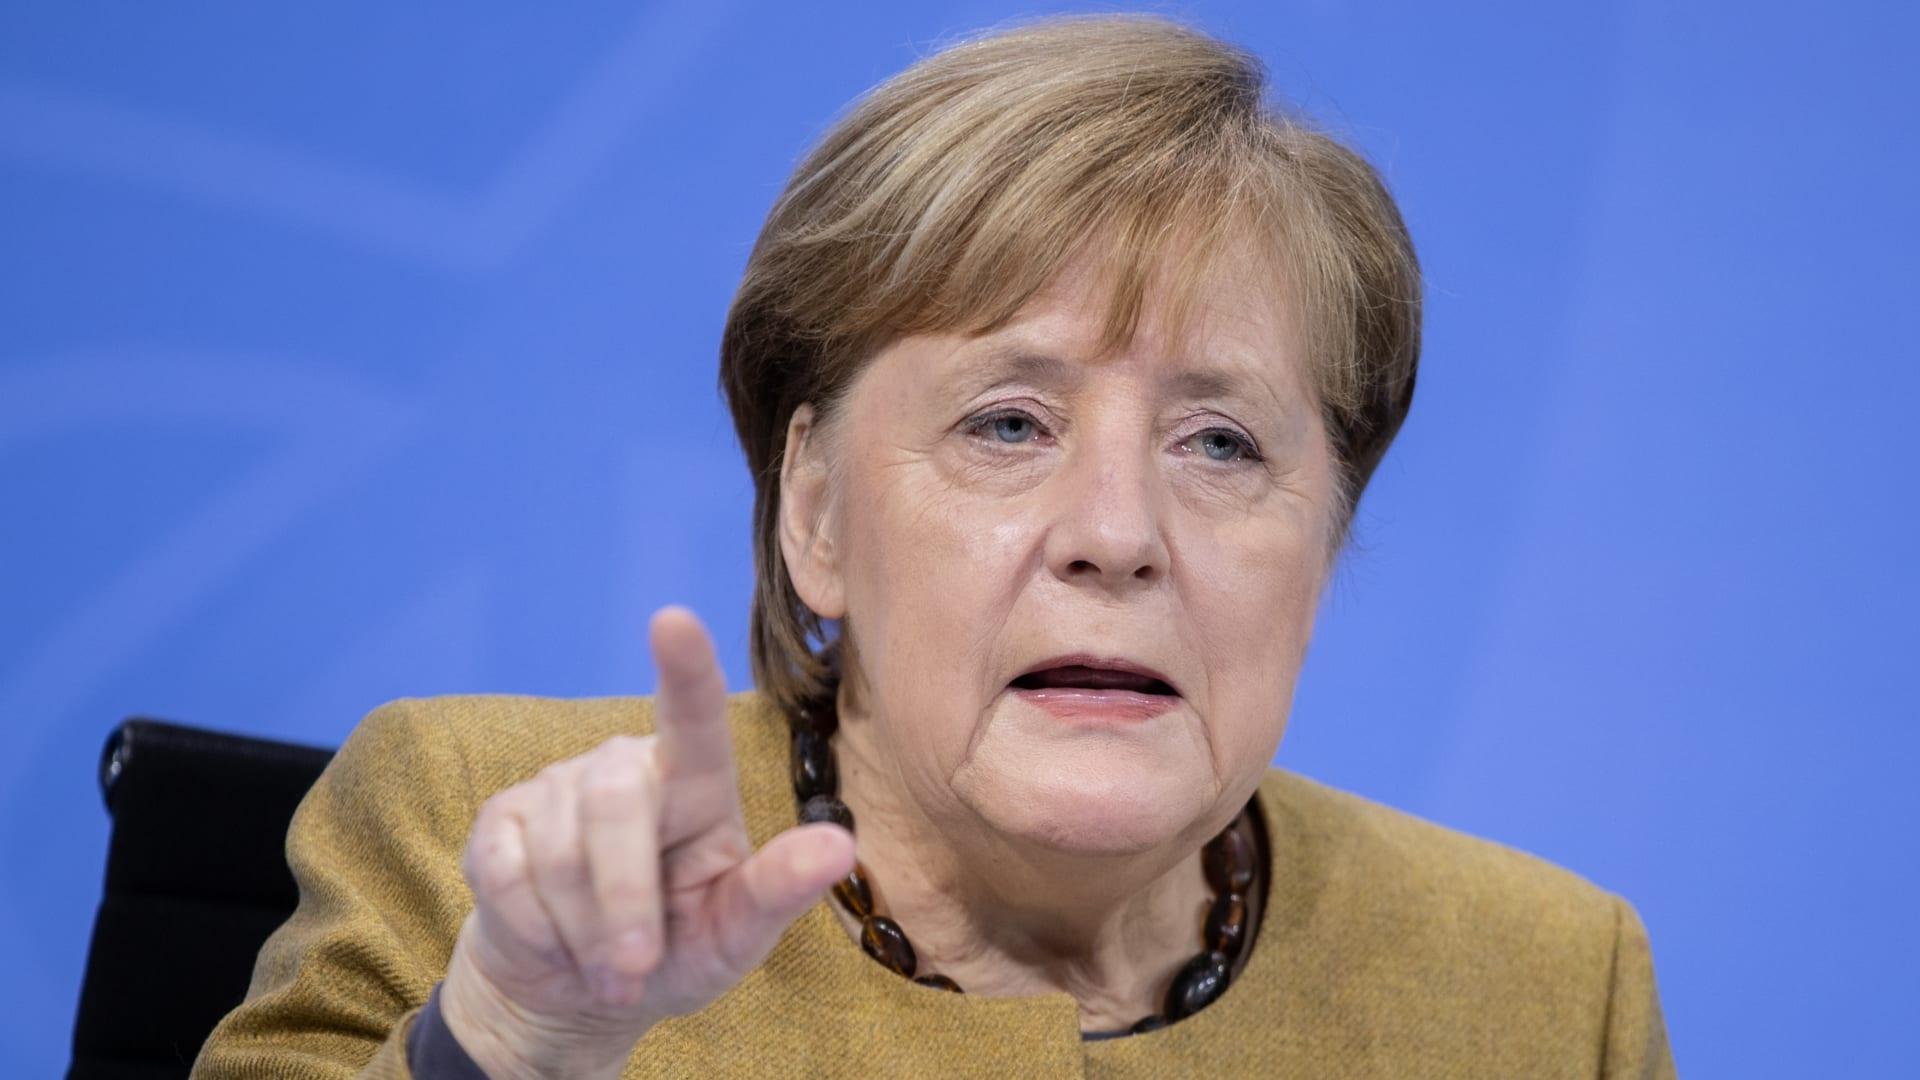 رأي.. طارق عثمان يكتب لـCNN: انتخابات CDU في نهاية الأسبوع تمثل الخطوة الأولى نحو ألمانيا وأوروبا ما بعد ميركل